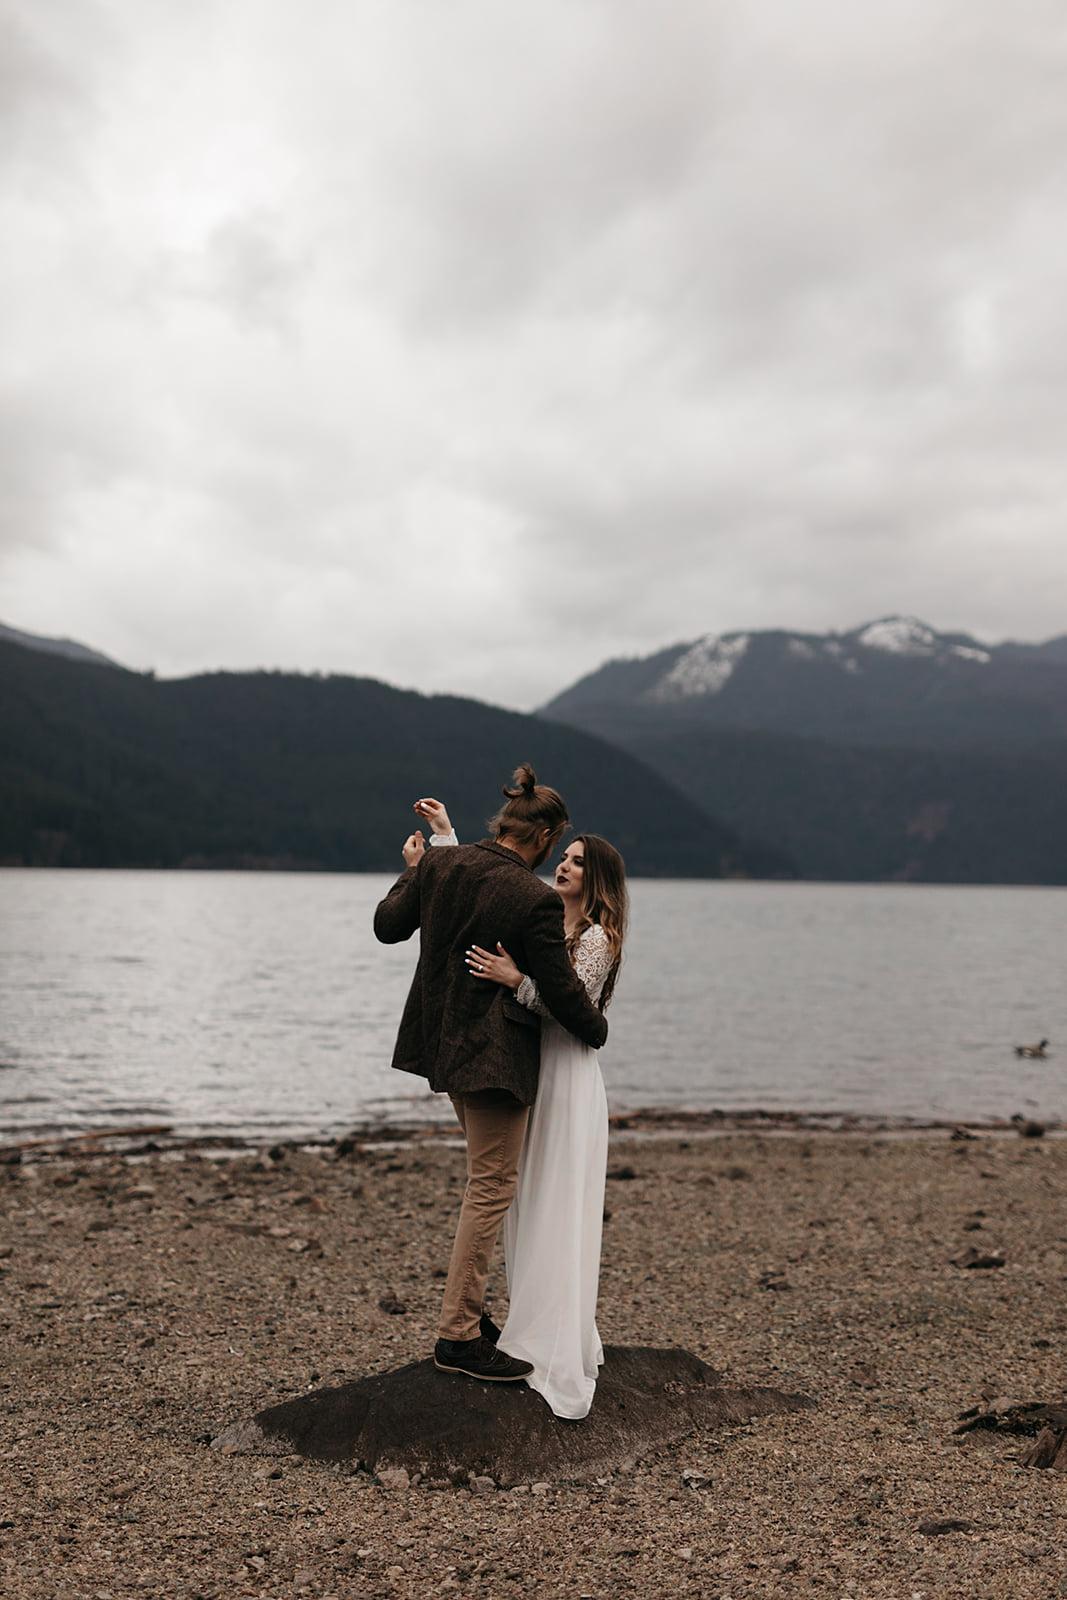 WeddingsJESSICA & GREGORY - CARMEL, CALIFORNIA WEDDING